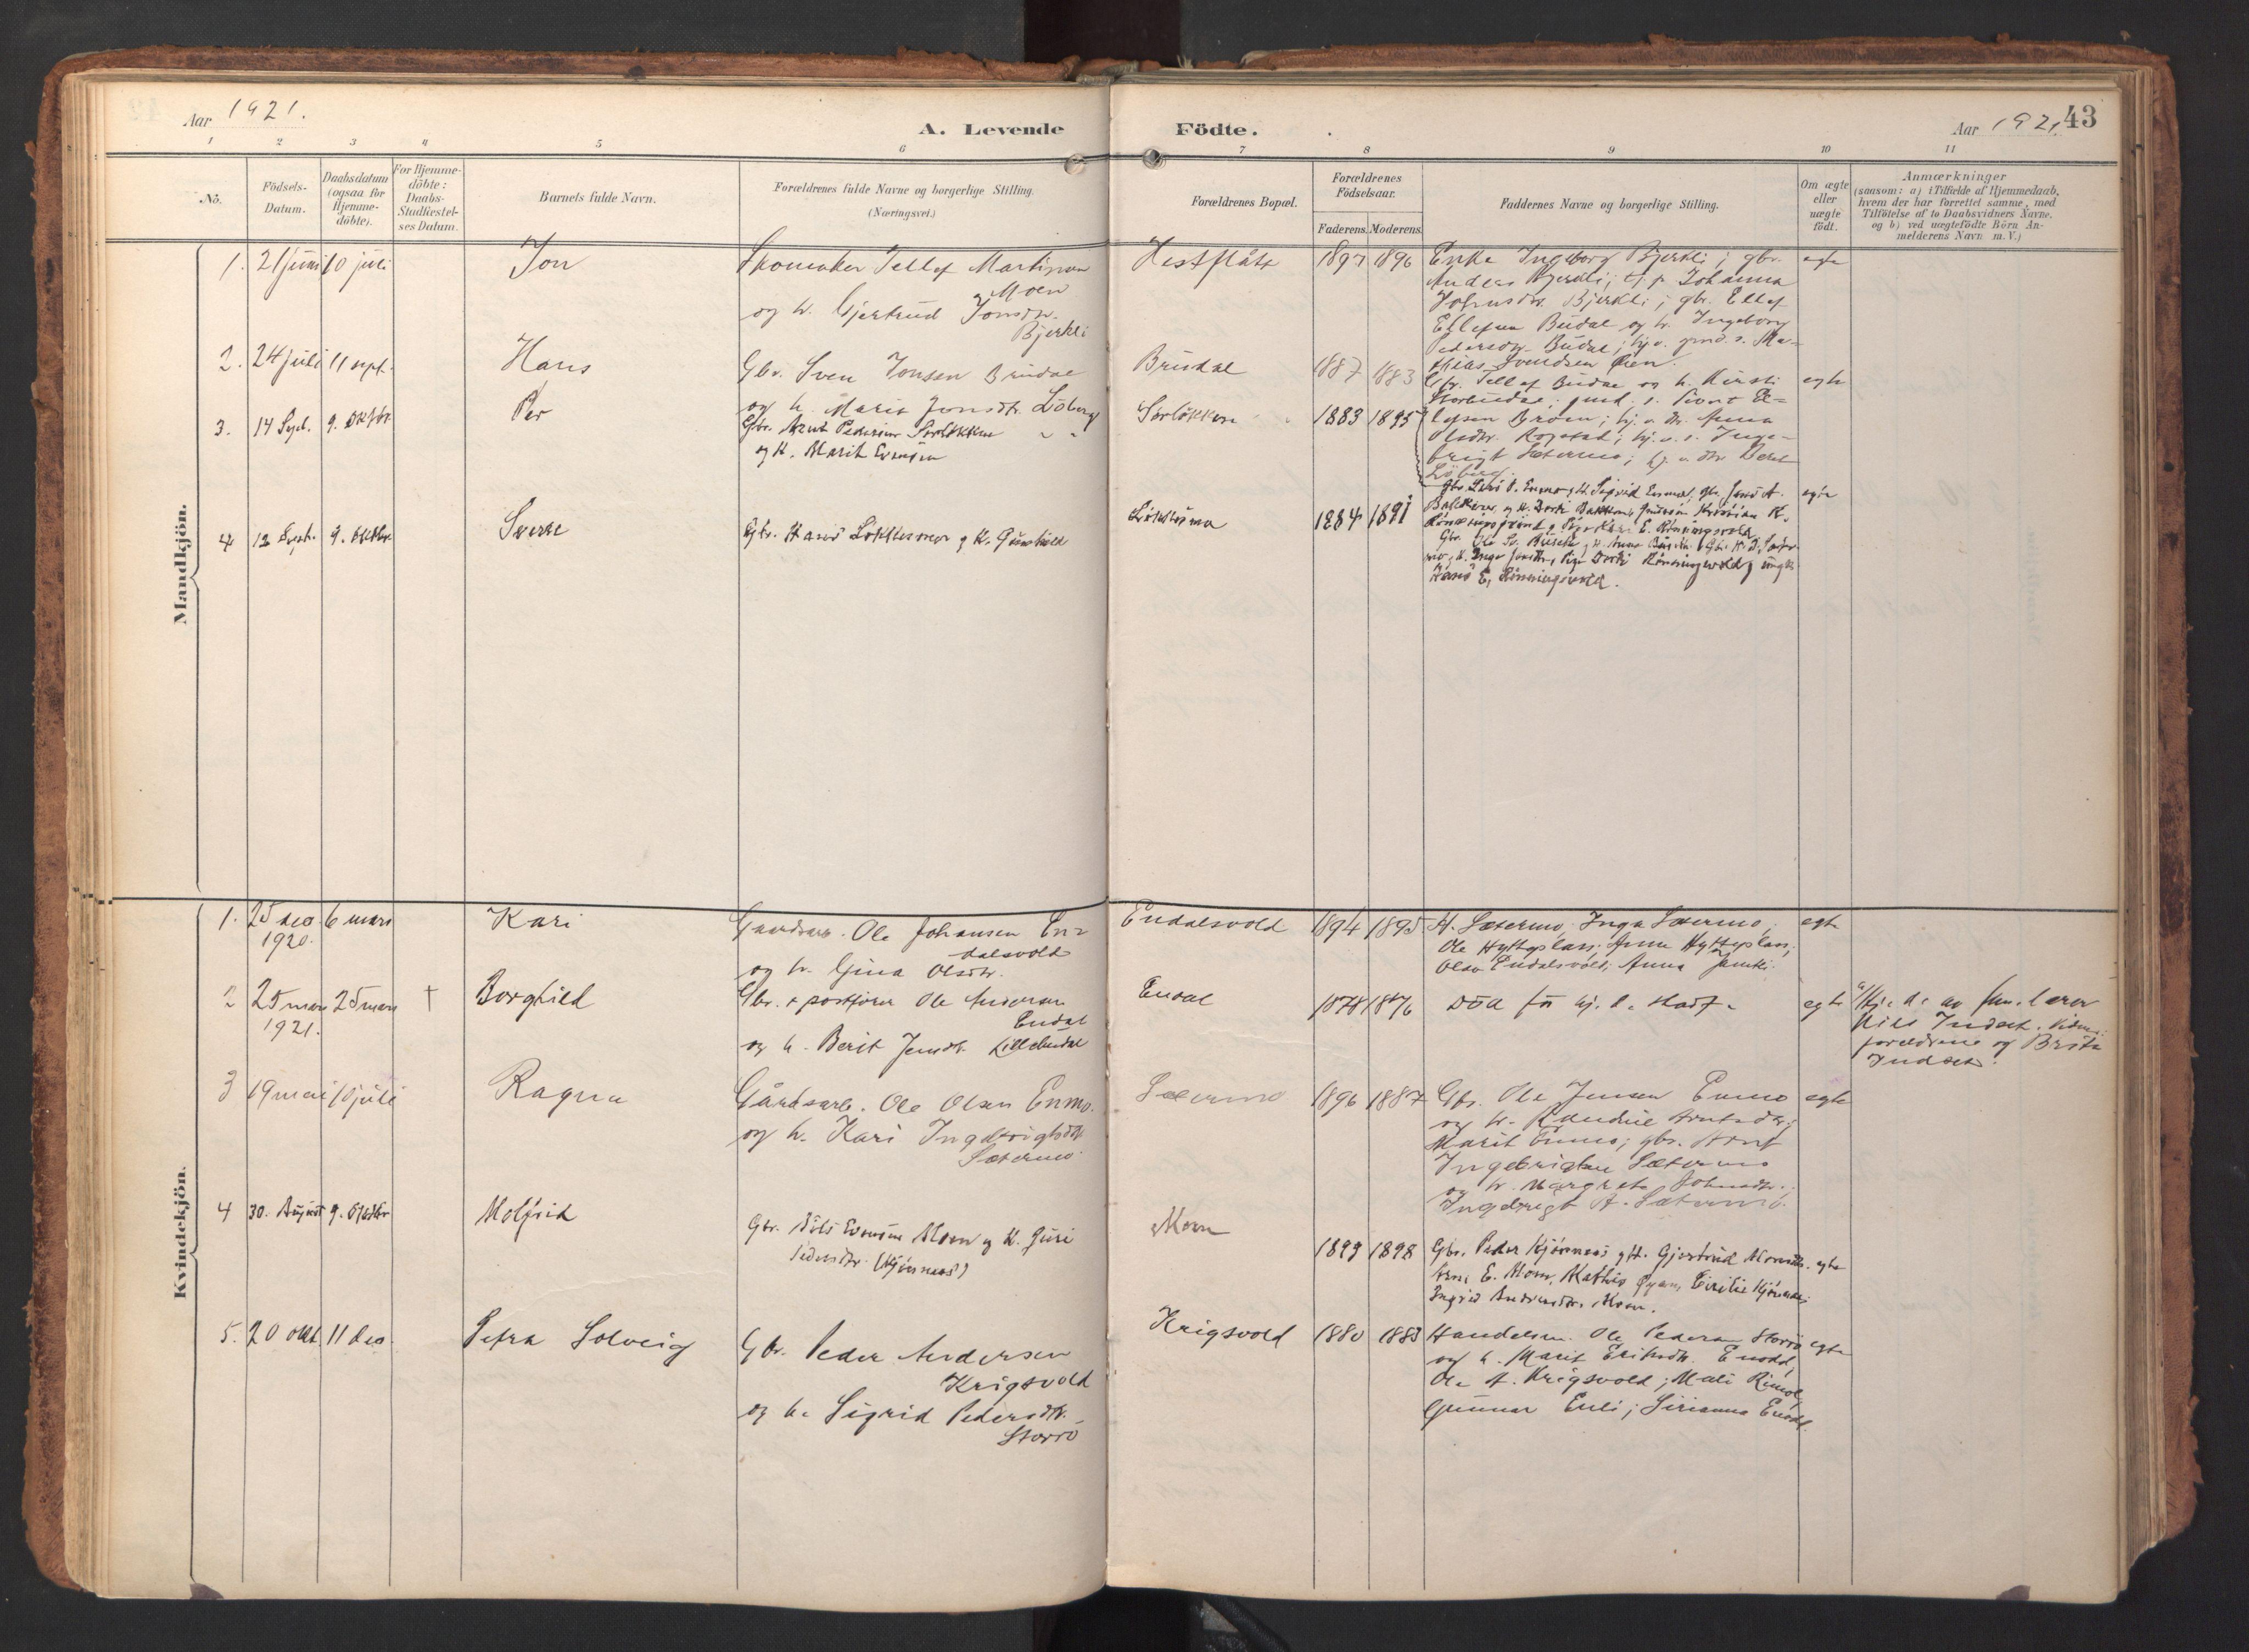 SAT, Ministerialprotokoller, klokkerbøker og fødselsregistre - Sør-Trøndelag, 690/L1050: Ministerialbok nr. 690A01, 1889-1929, s. 43